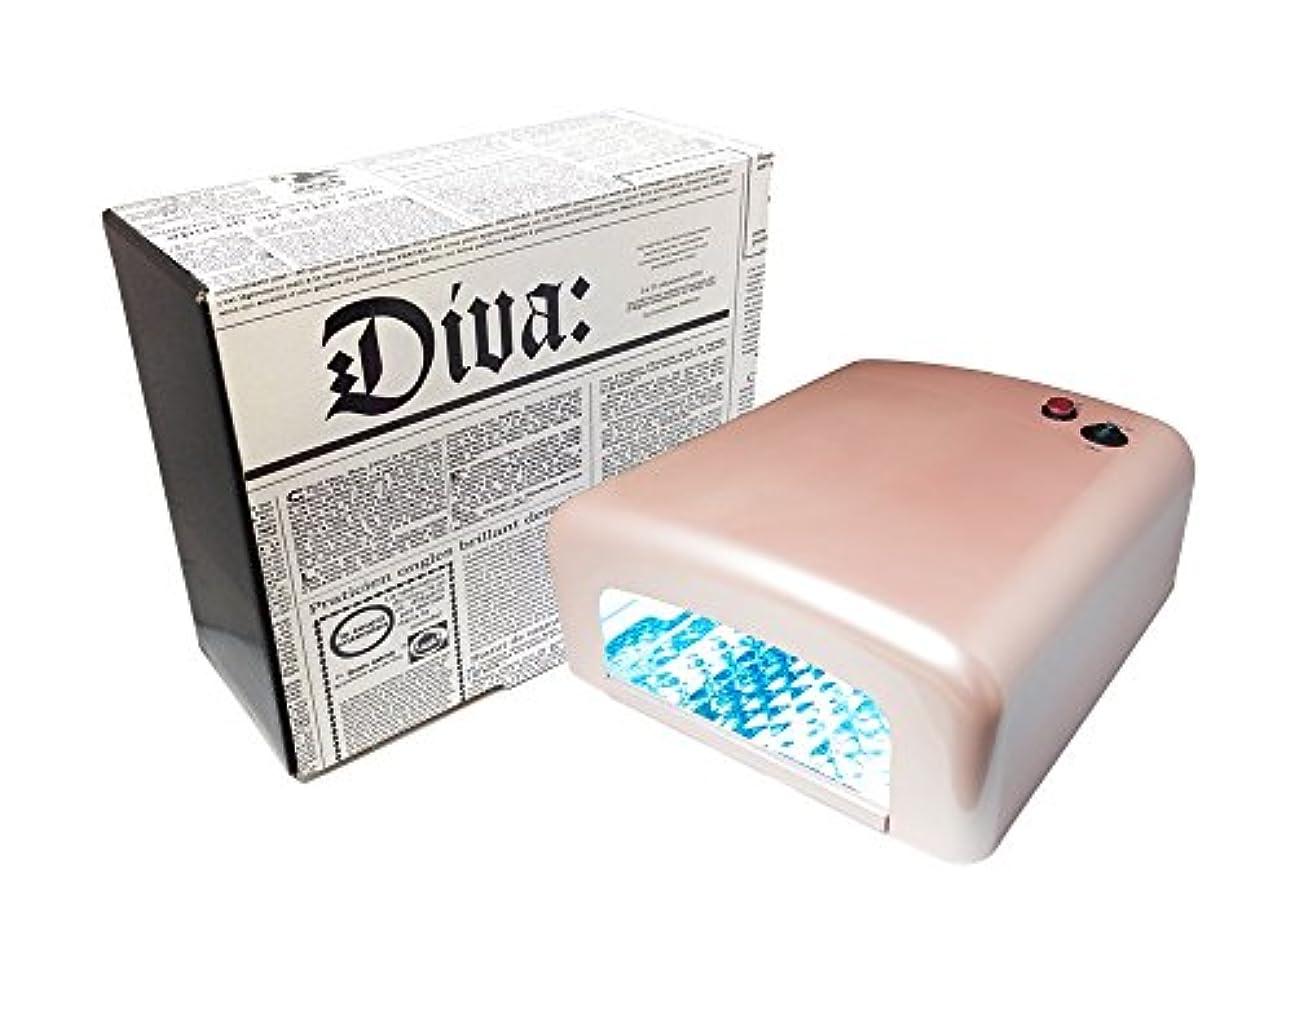 強化する形容詞最大のDiva(ディーヴァ) UVライト36W UVレジン用 本体 パールピンク